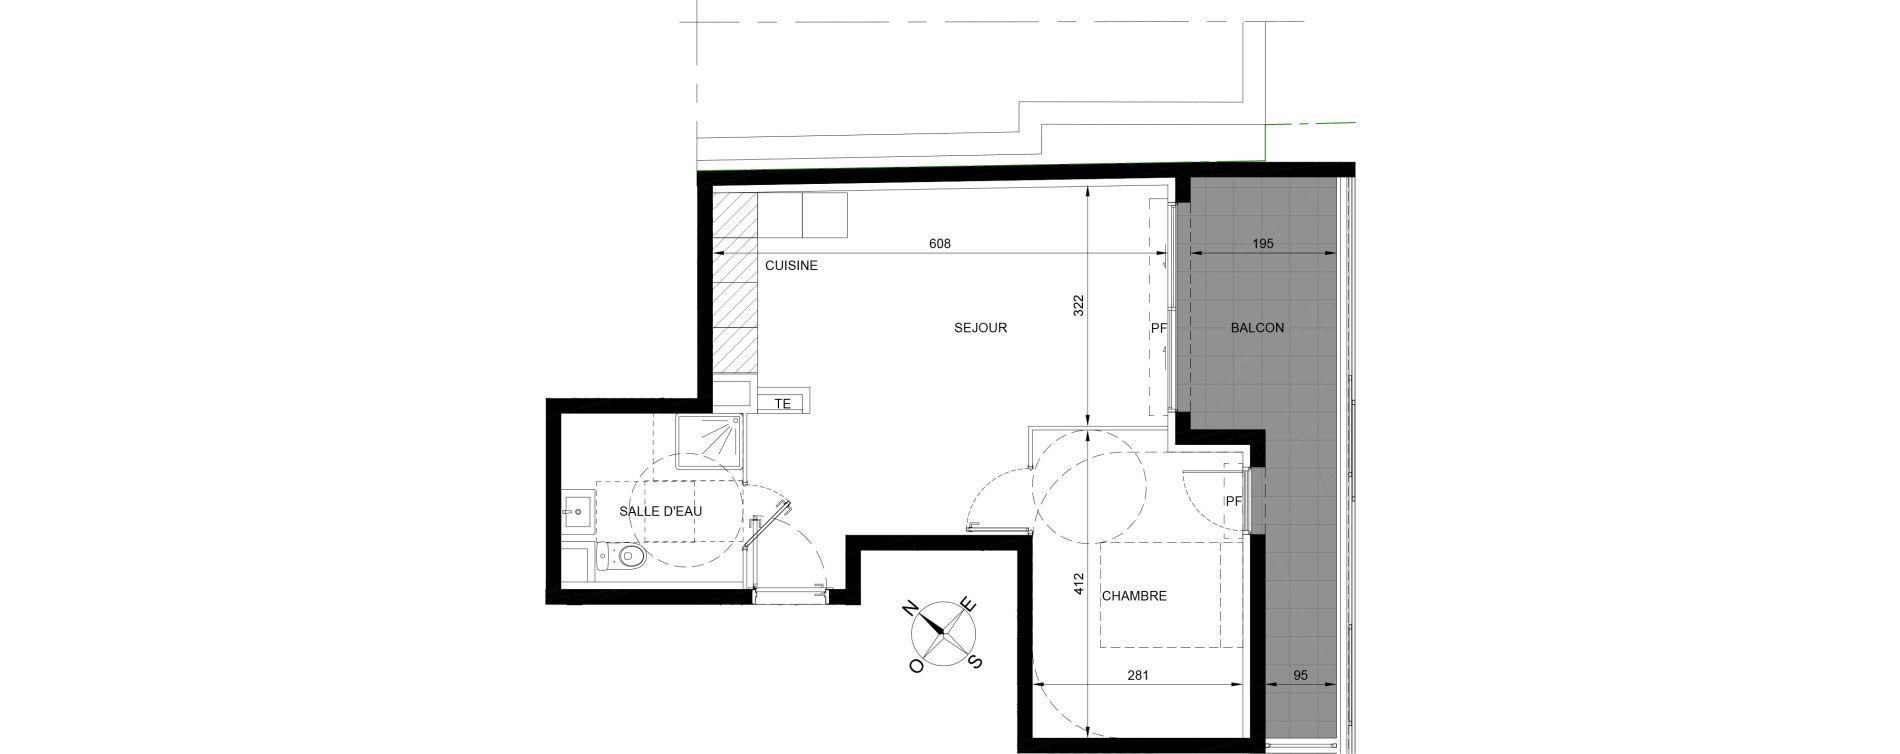 Appartement T2 de 41,75 m2 à Roquebrune-Cap-Martin Centre